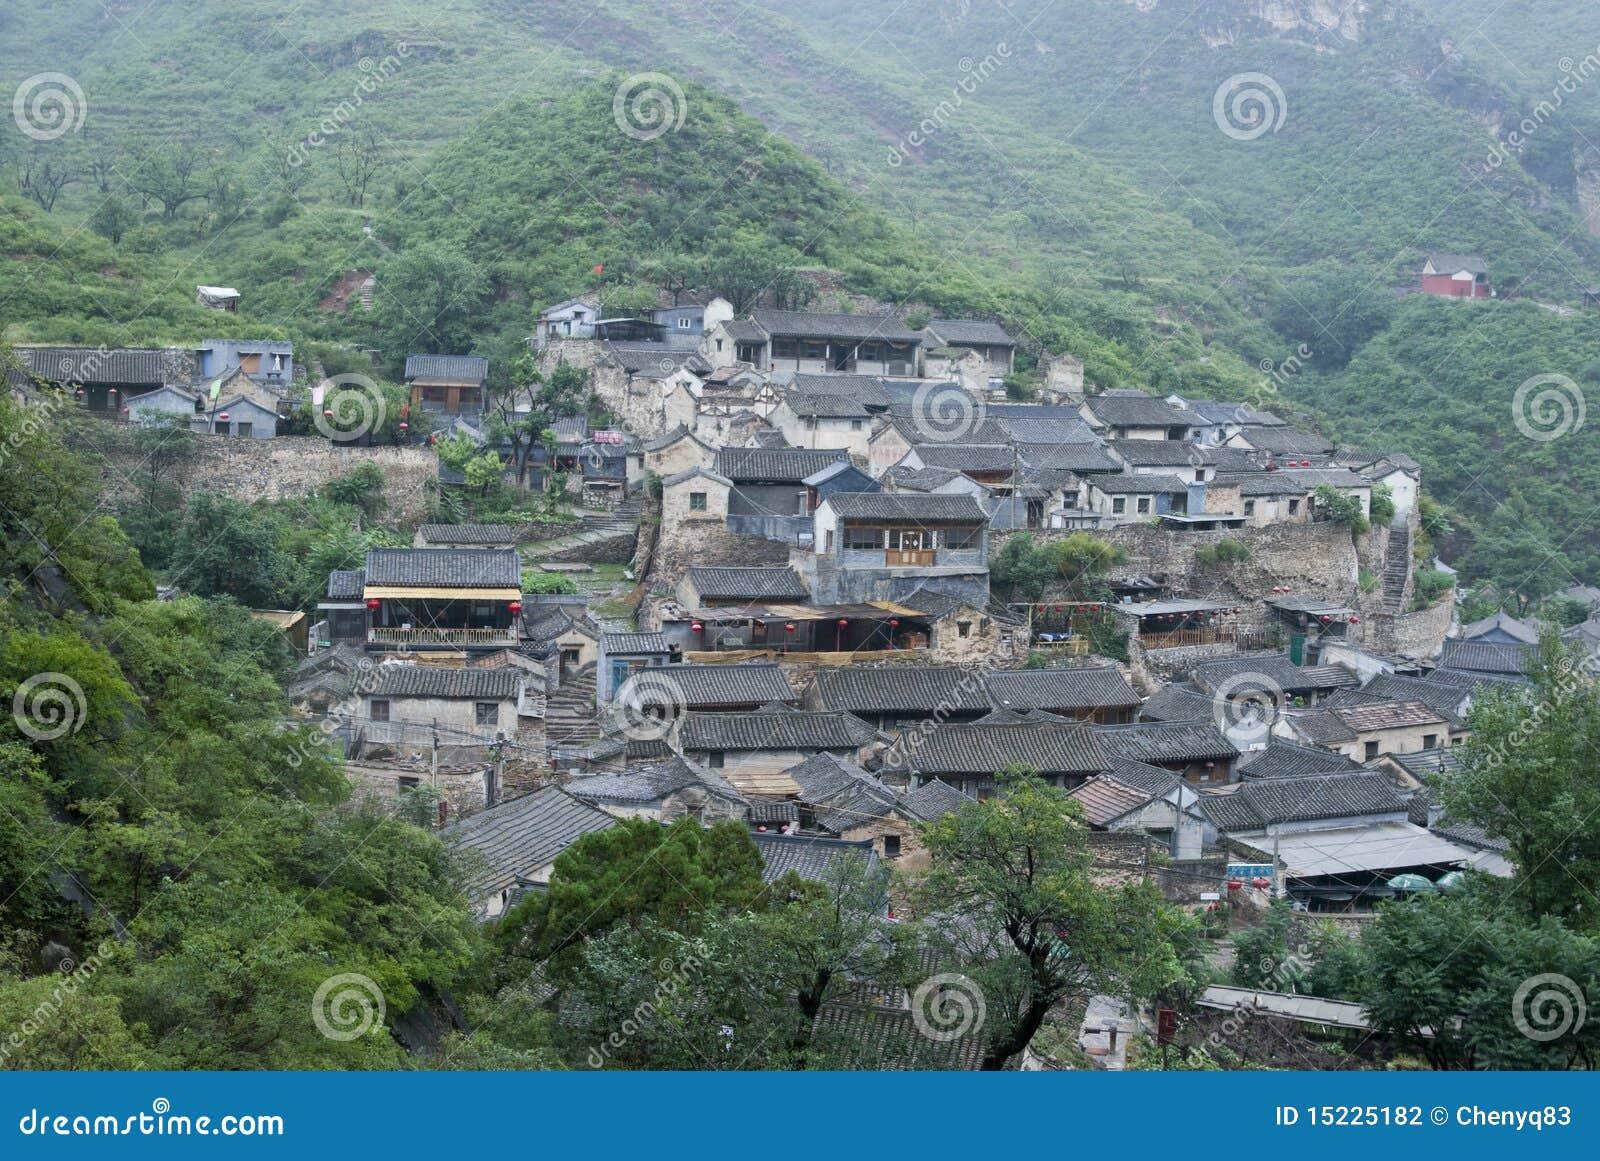 Villaggio antico cinese fotografia stock immagine 15225182 for Casa tradizionale cinese